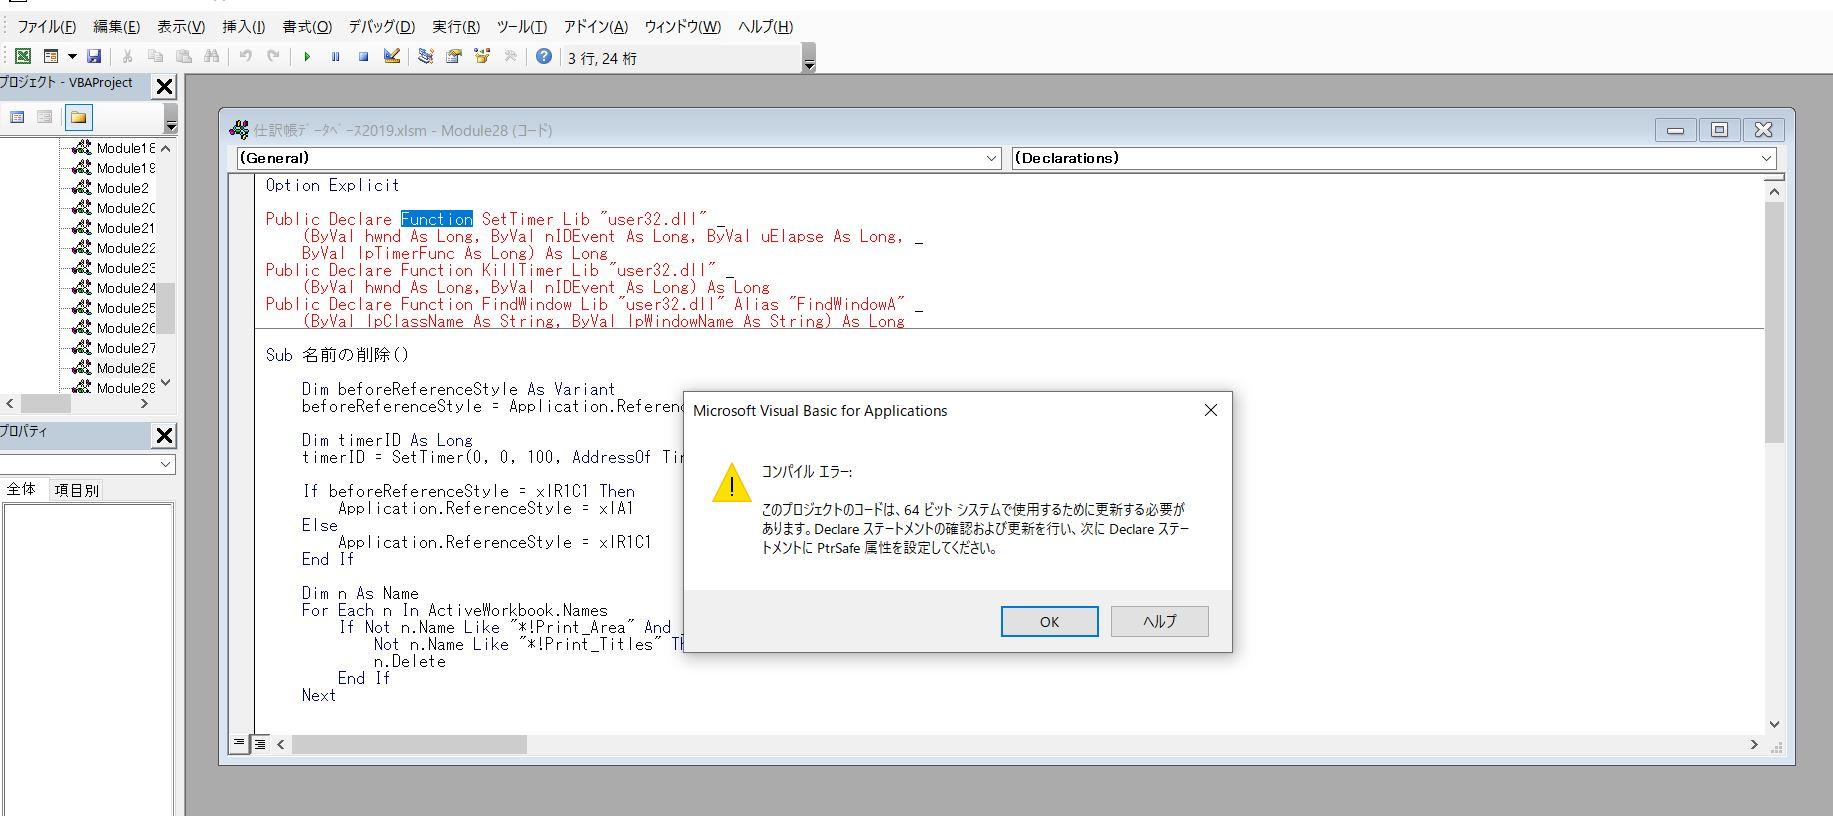 ビット 使用 に 必要 この システム コード する する が は プロジェクト ため 64 の あります で 更新